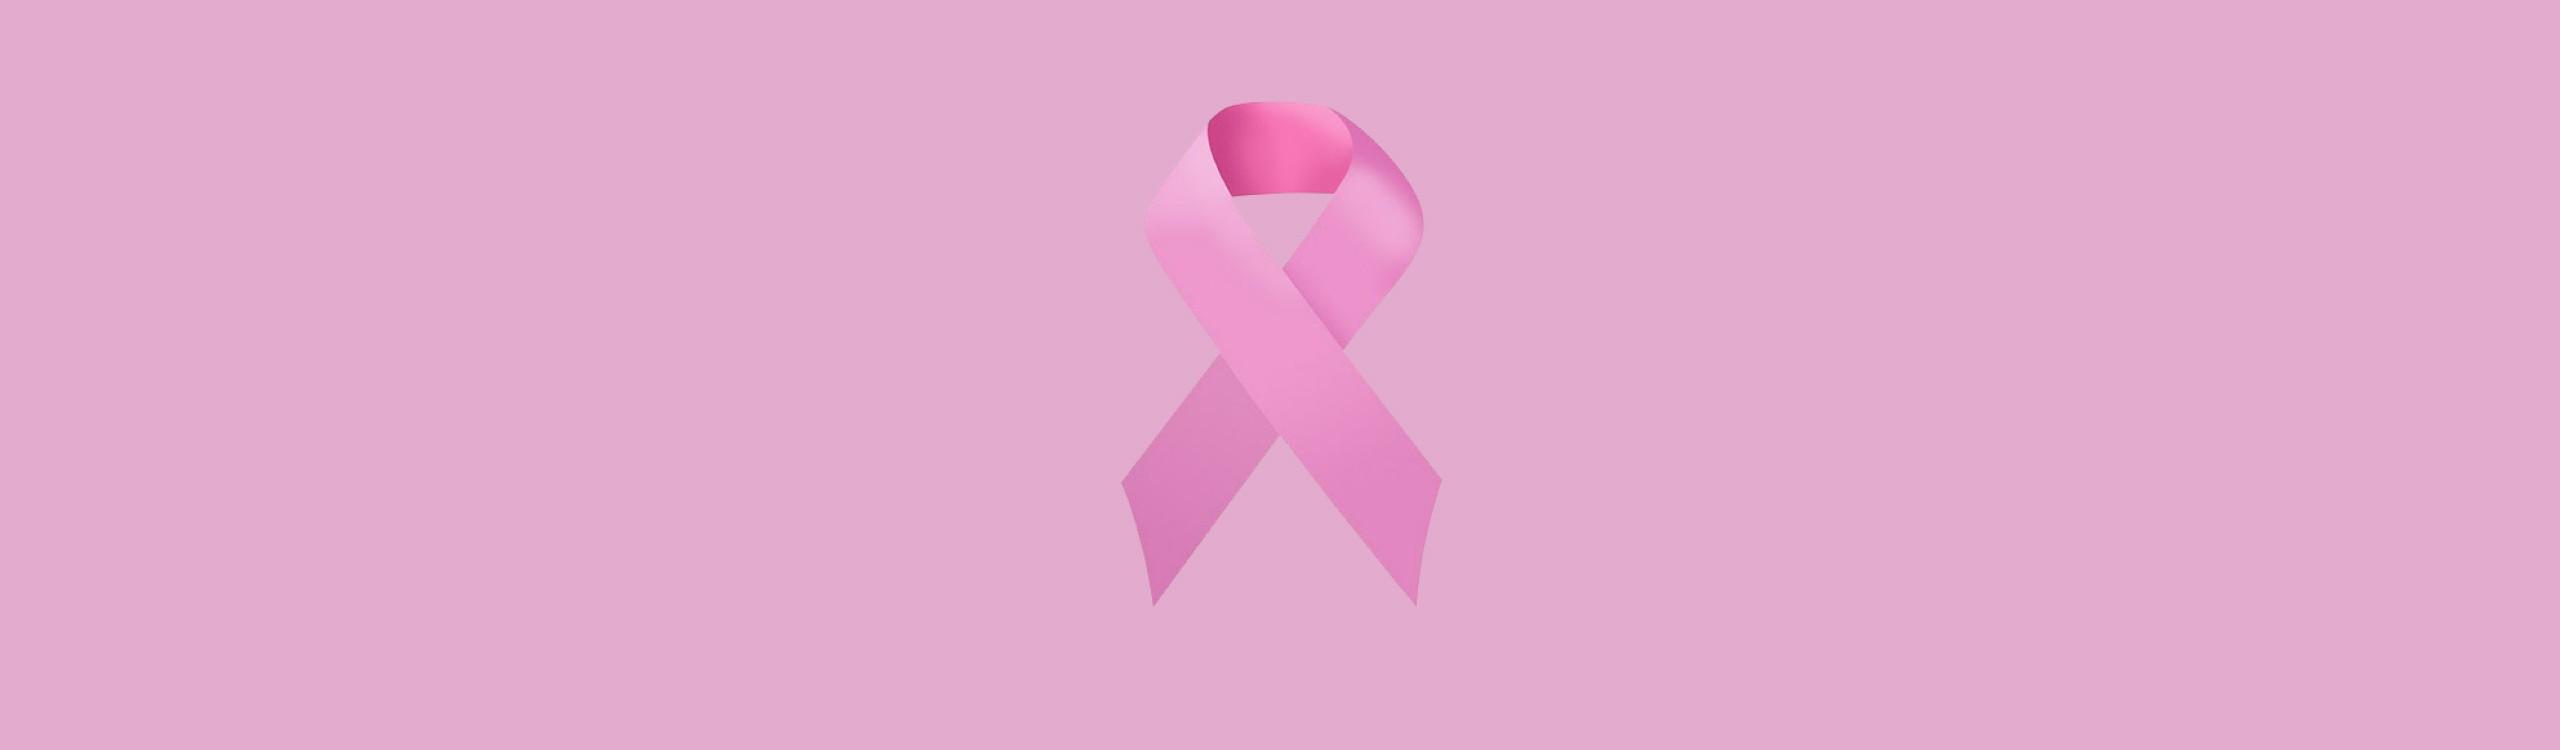 marcas dia cancer de mama mis gafas de pasta destacado